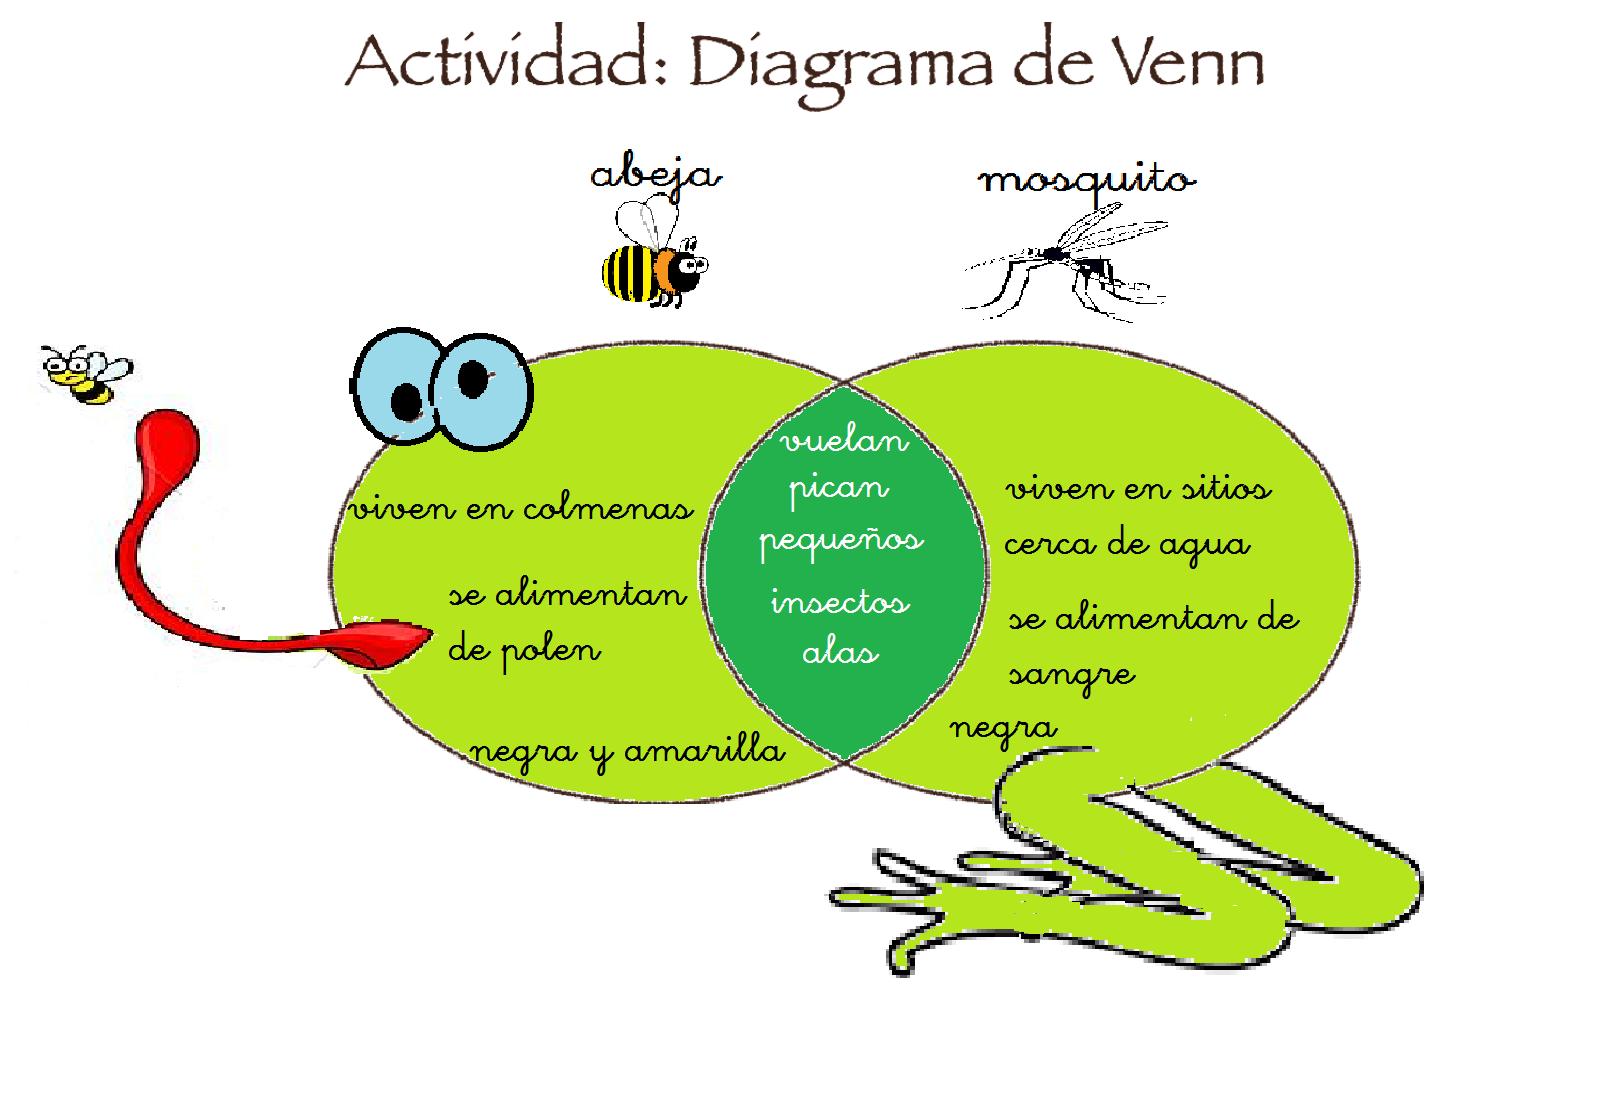 diagrama de venn  Orientaci  n And  jar  Recursos Educativos